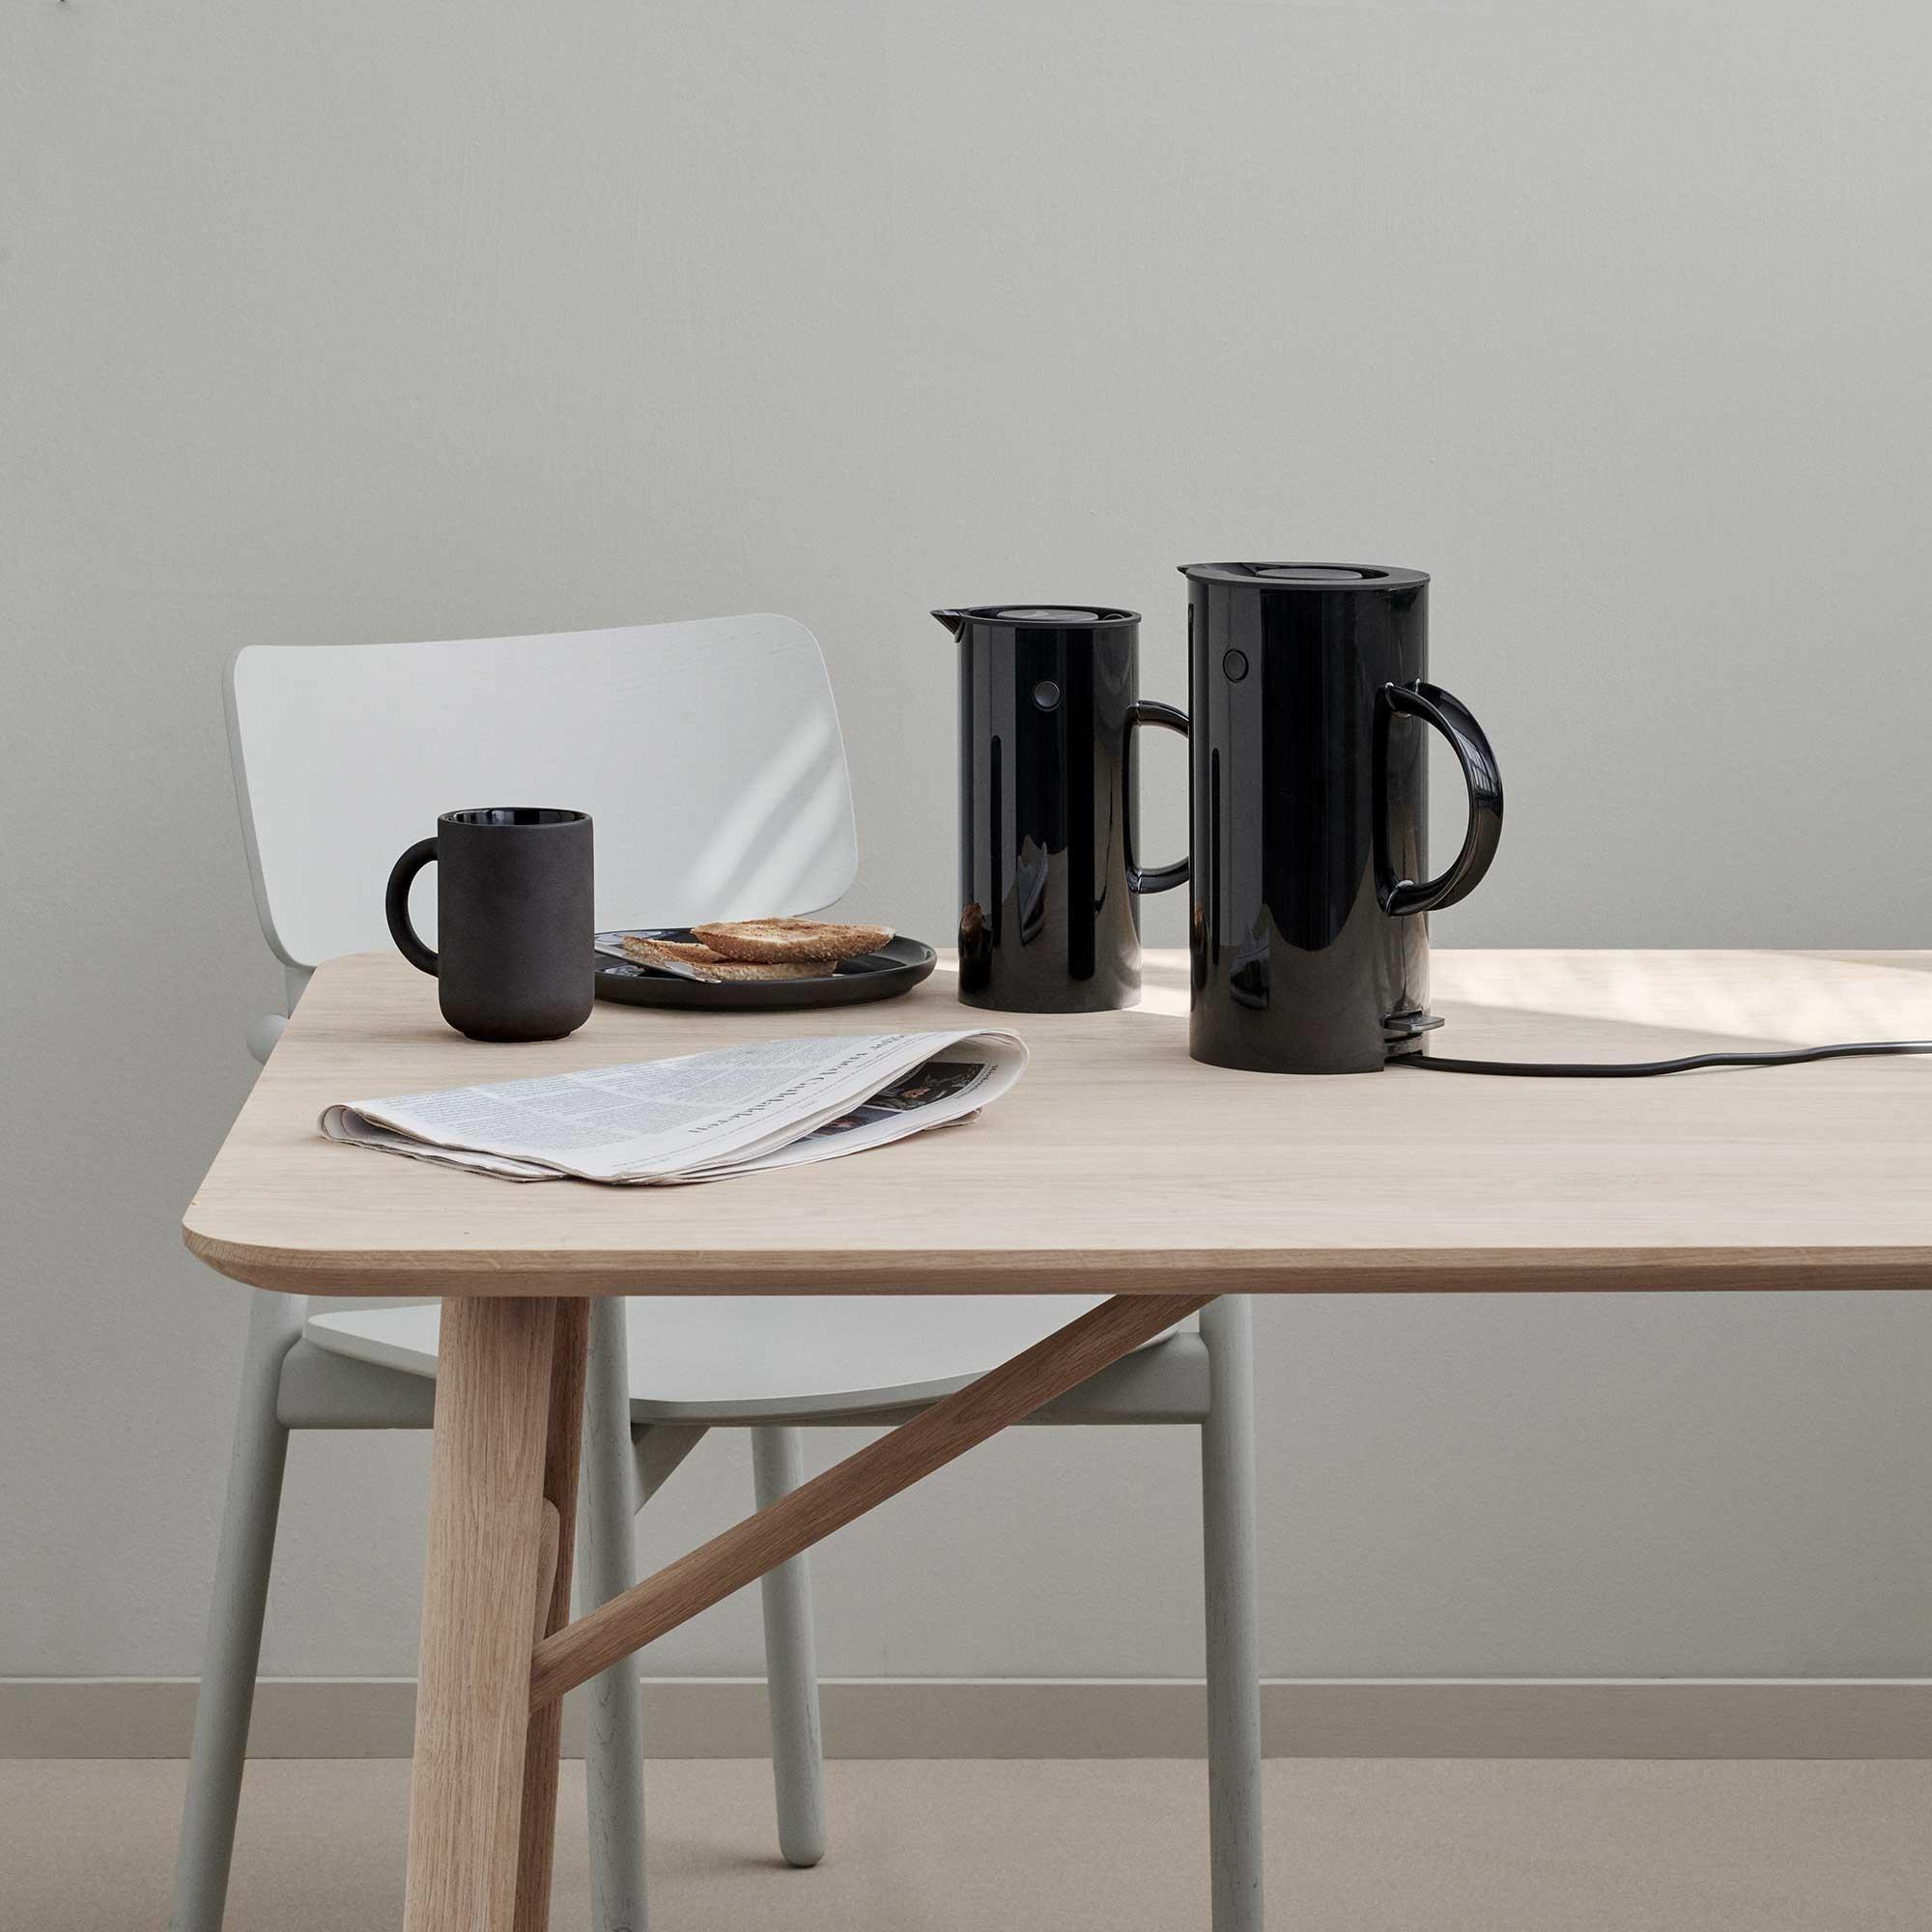 stelton em77 wasserkocher ambientedirect. Black Bedroom Furniture Sets. Home Design Ideas